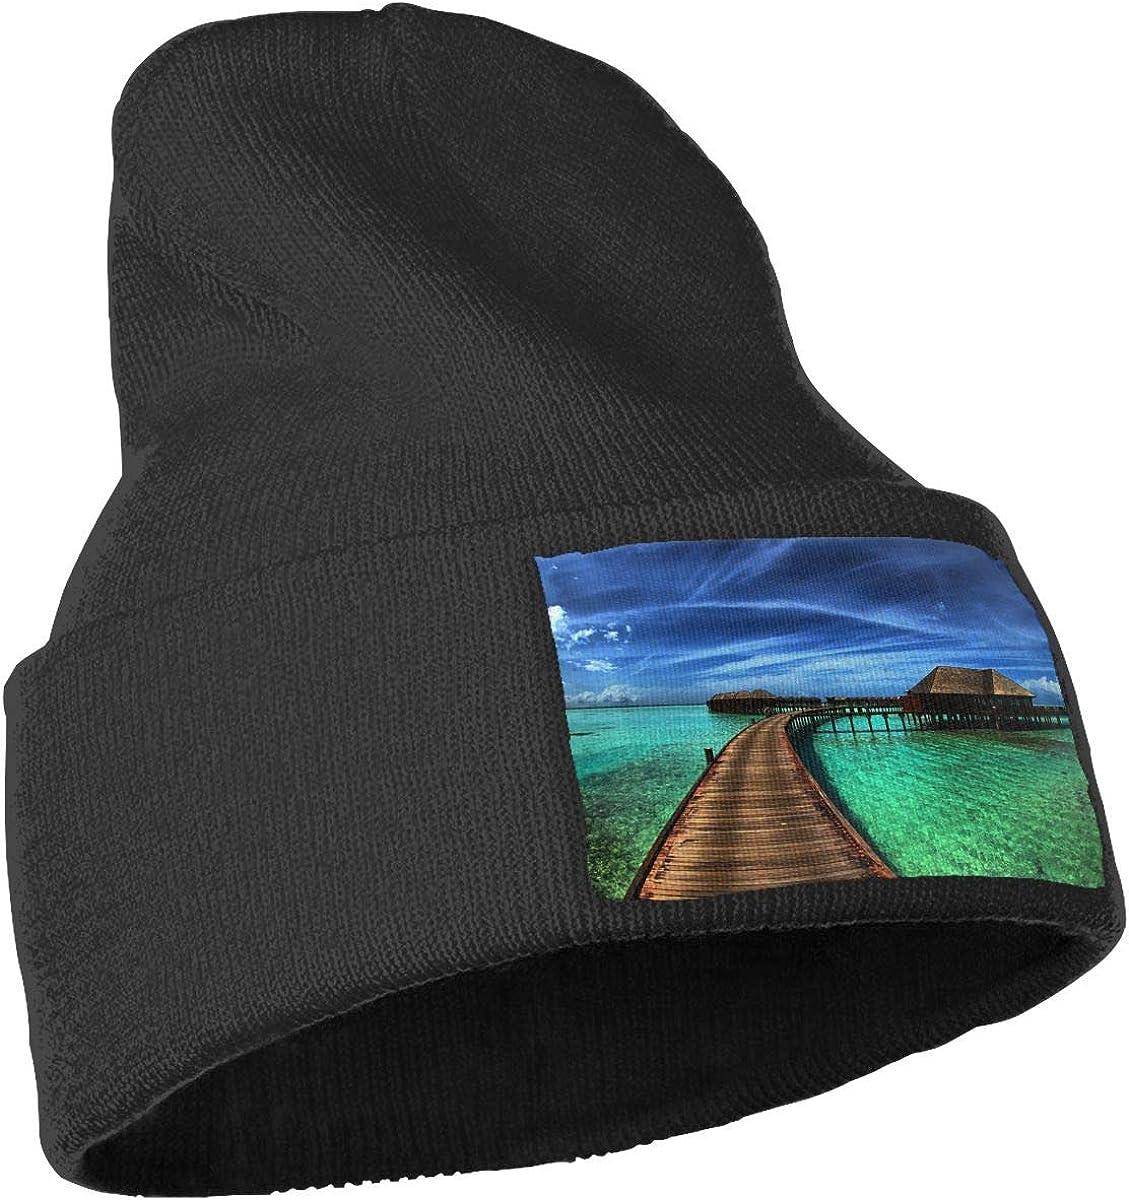 JZMY6 Landscape Soft Warm Beanie Hat Men Beanie